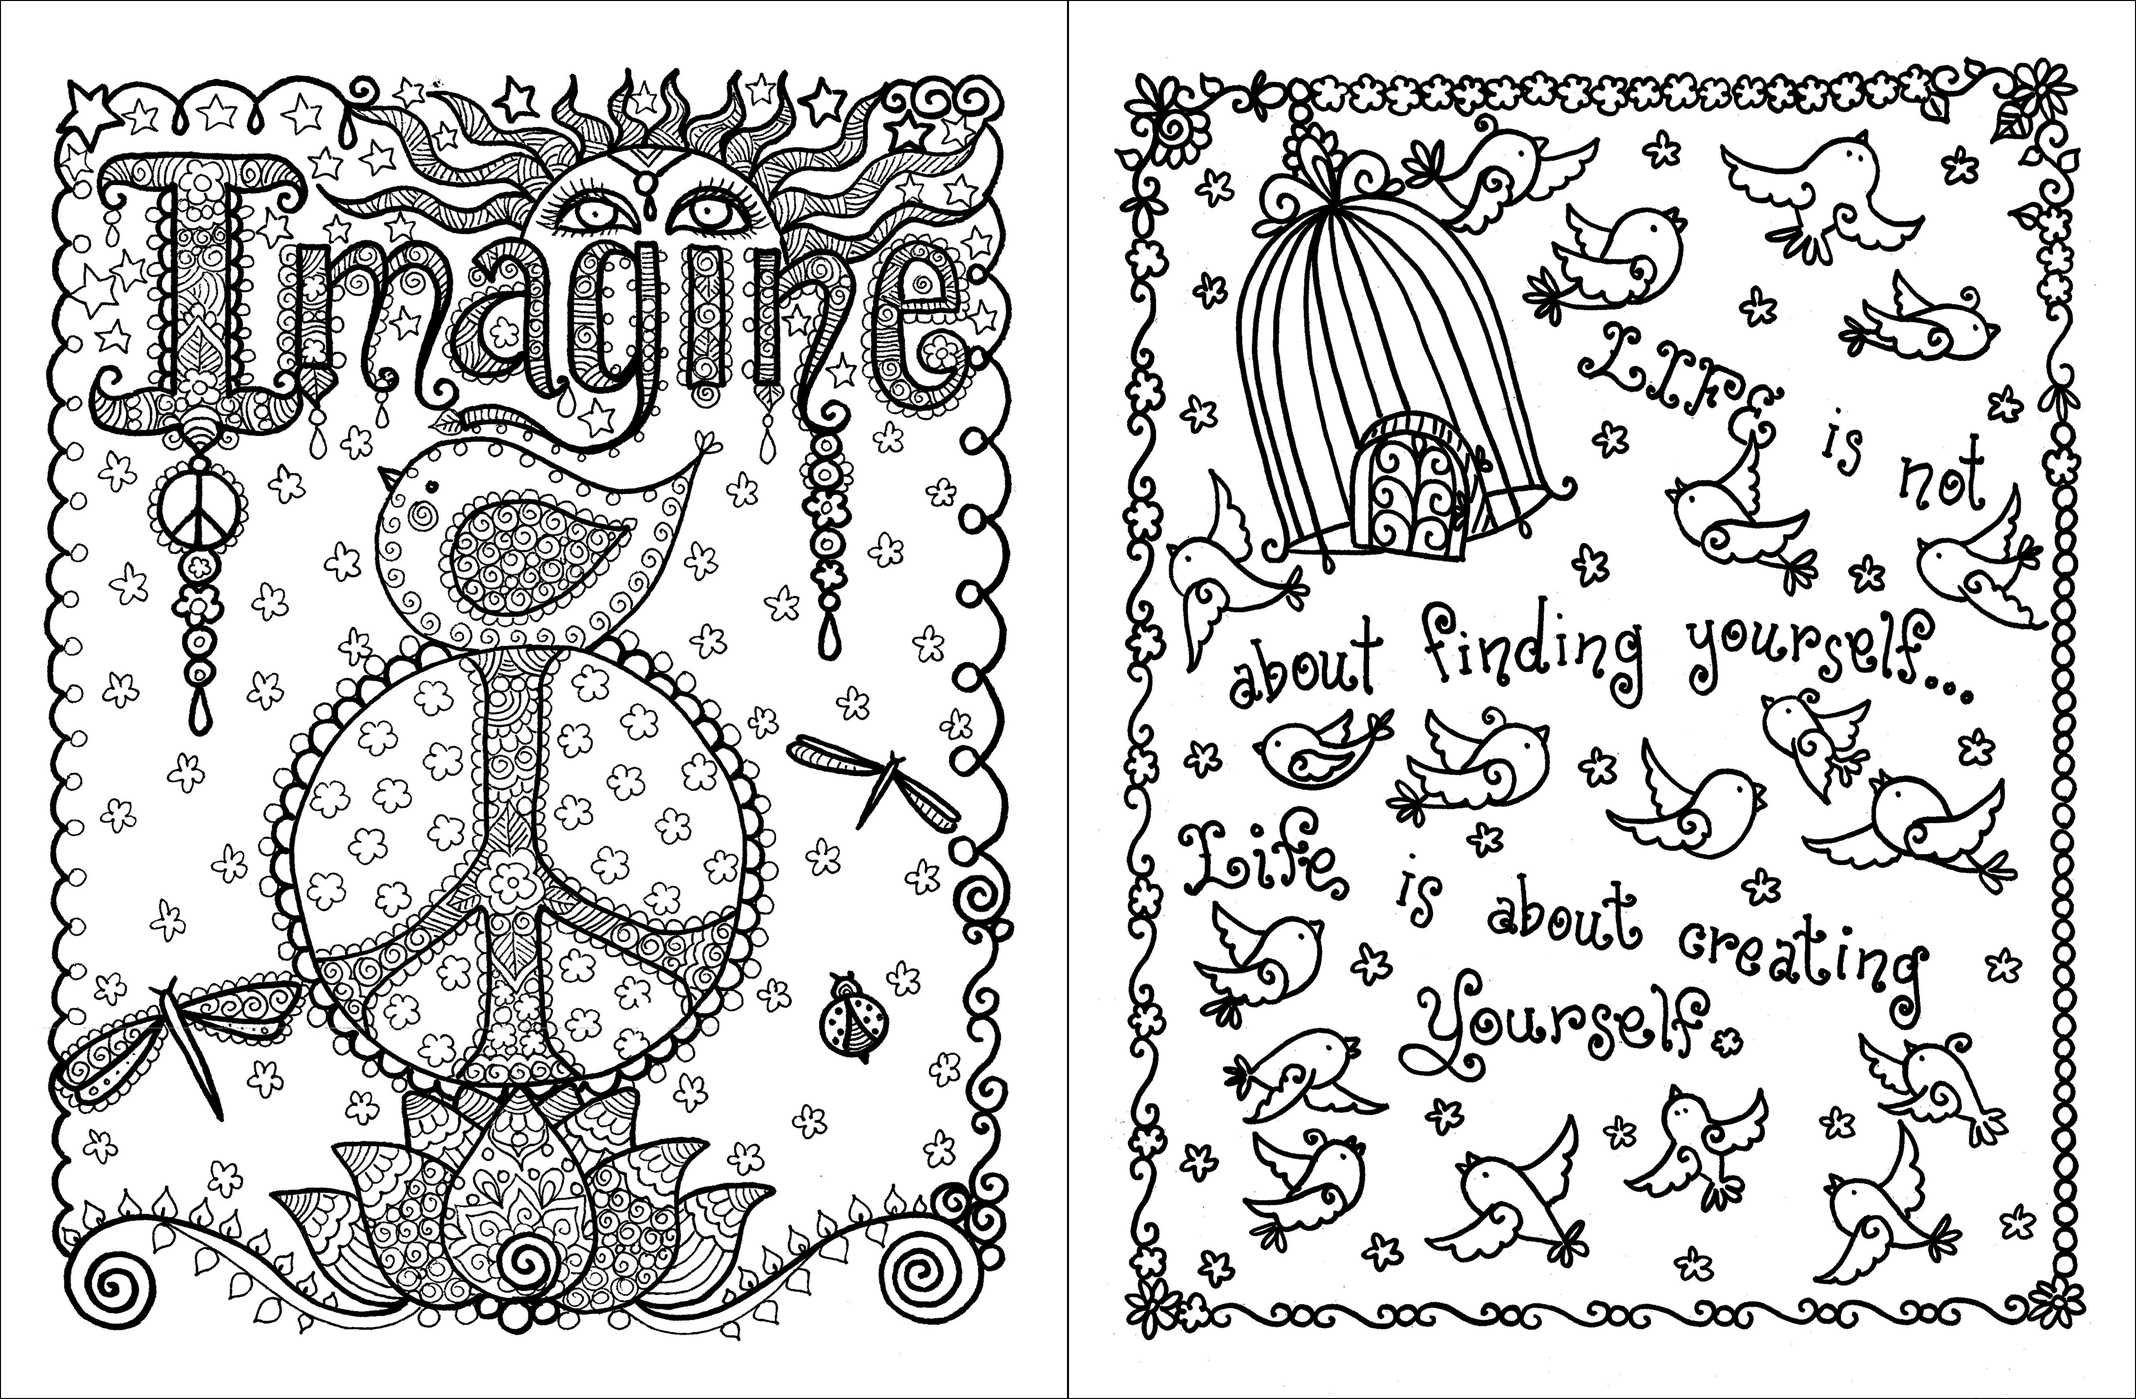 Inspiring coloring #2, Download drawings